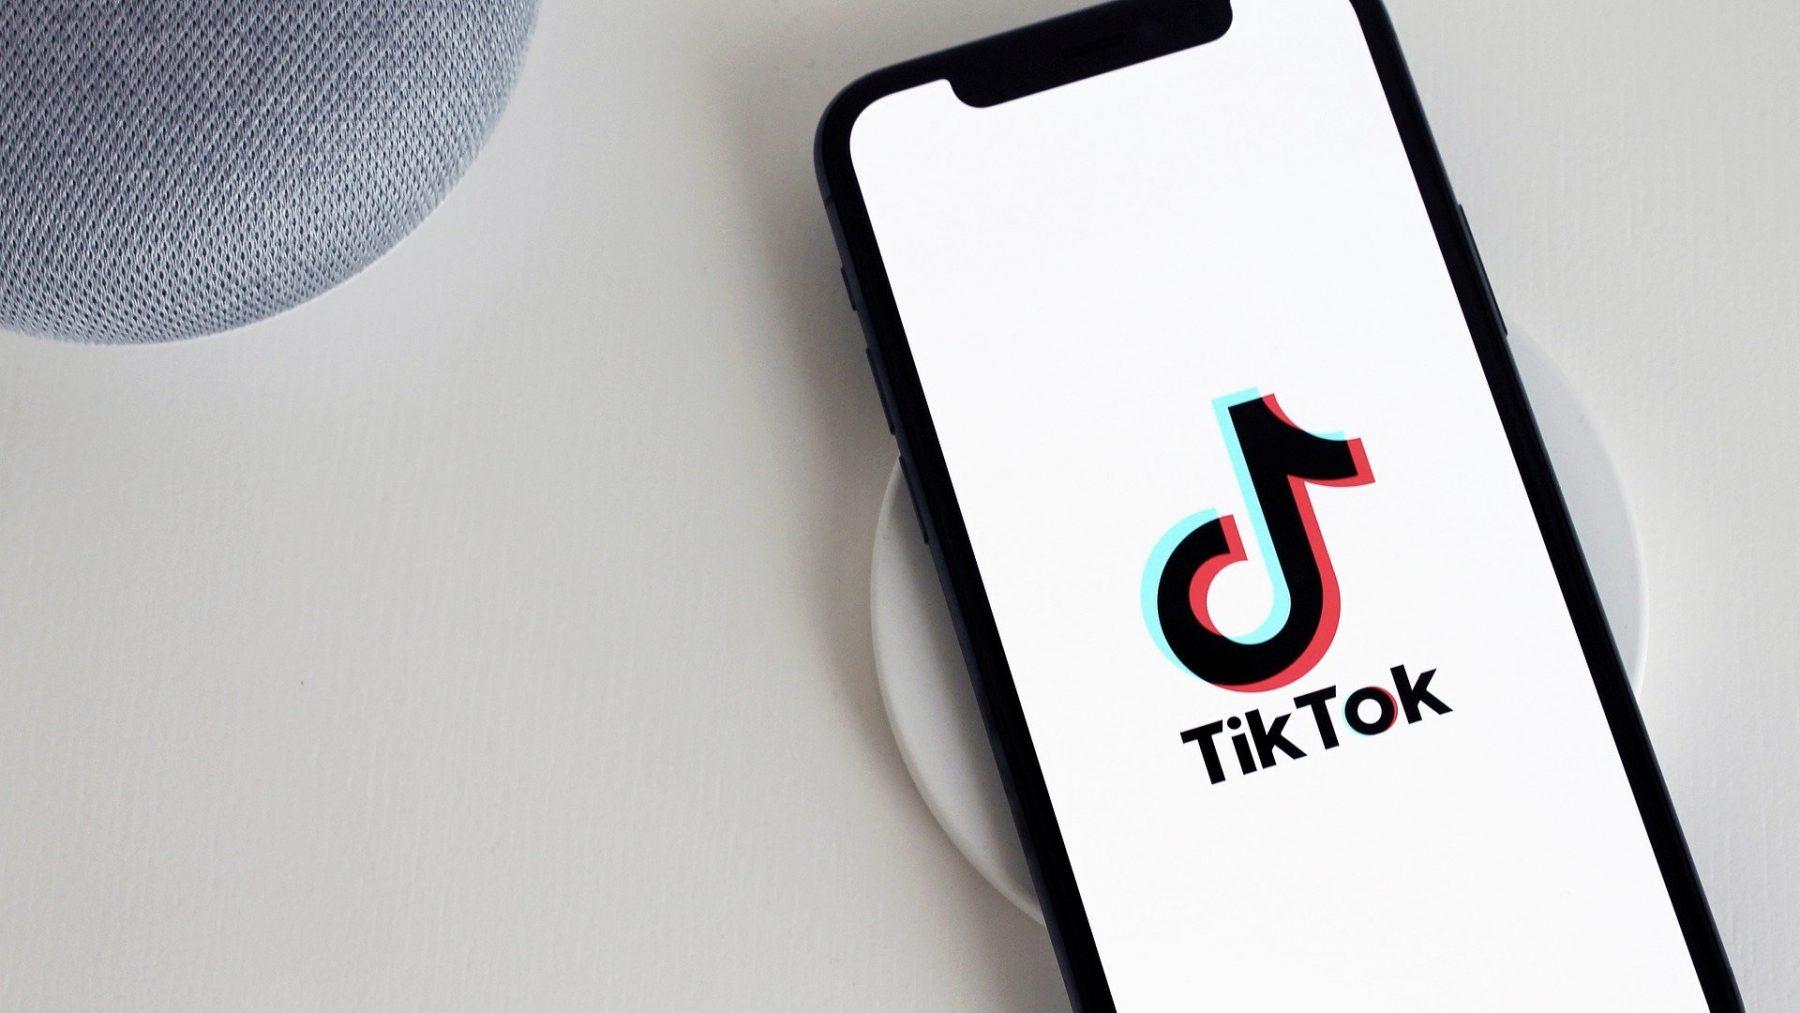 Toezichthouders moeten nu ingrijpen TikTok